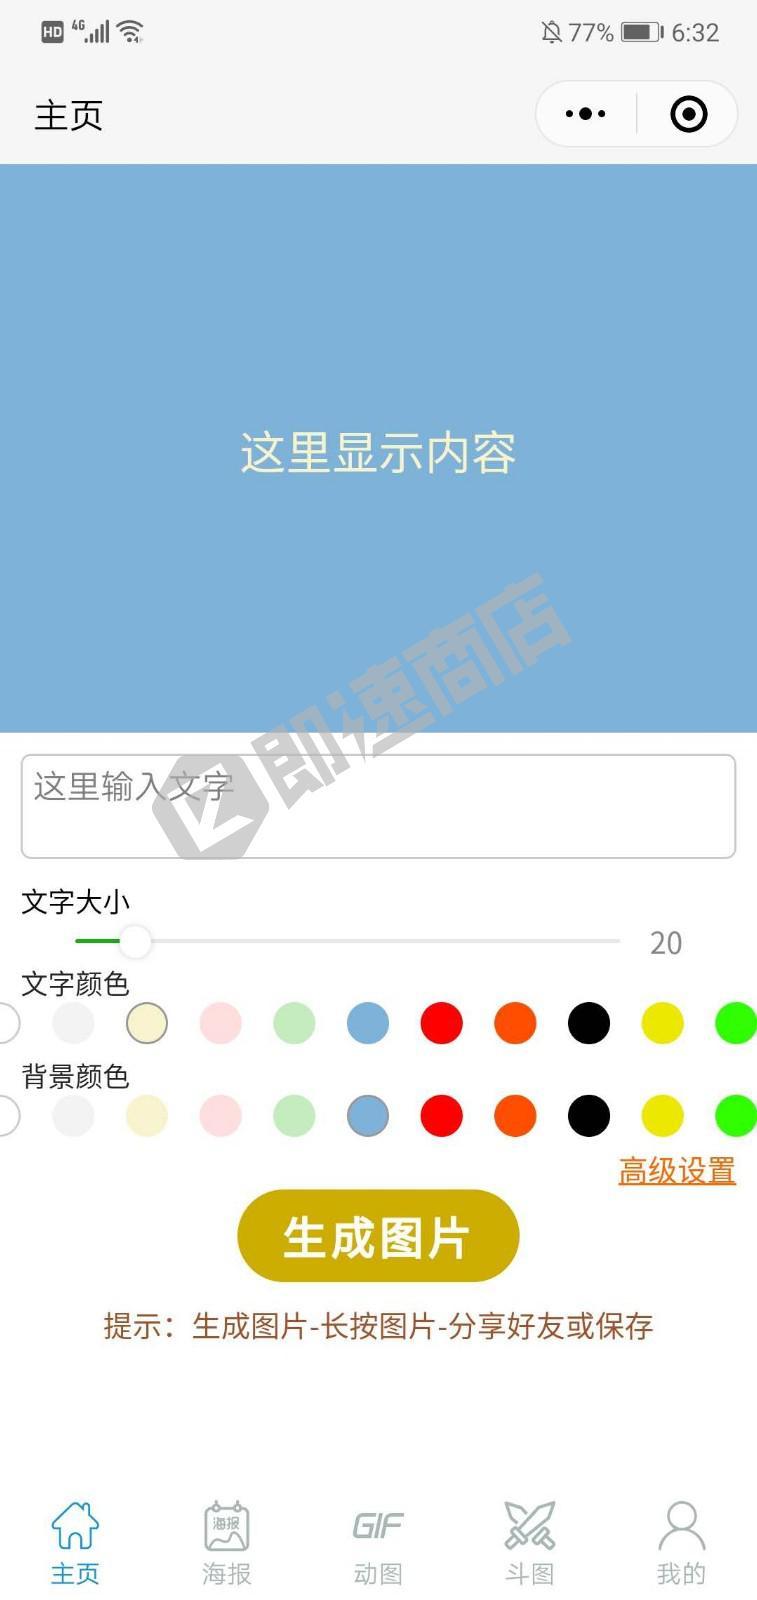 多功能文字图照片工具集合小程序首页截图